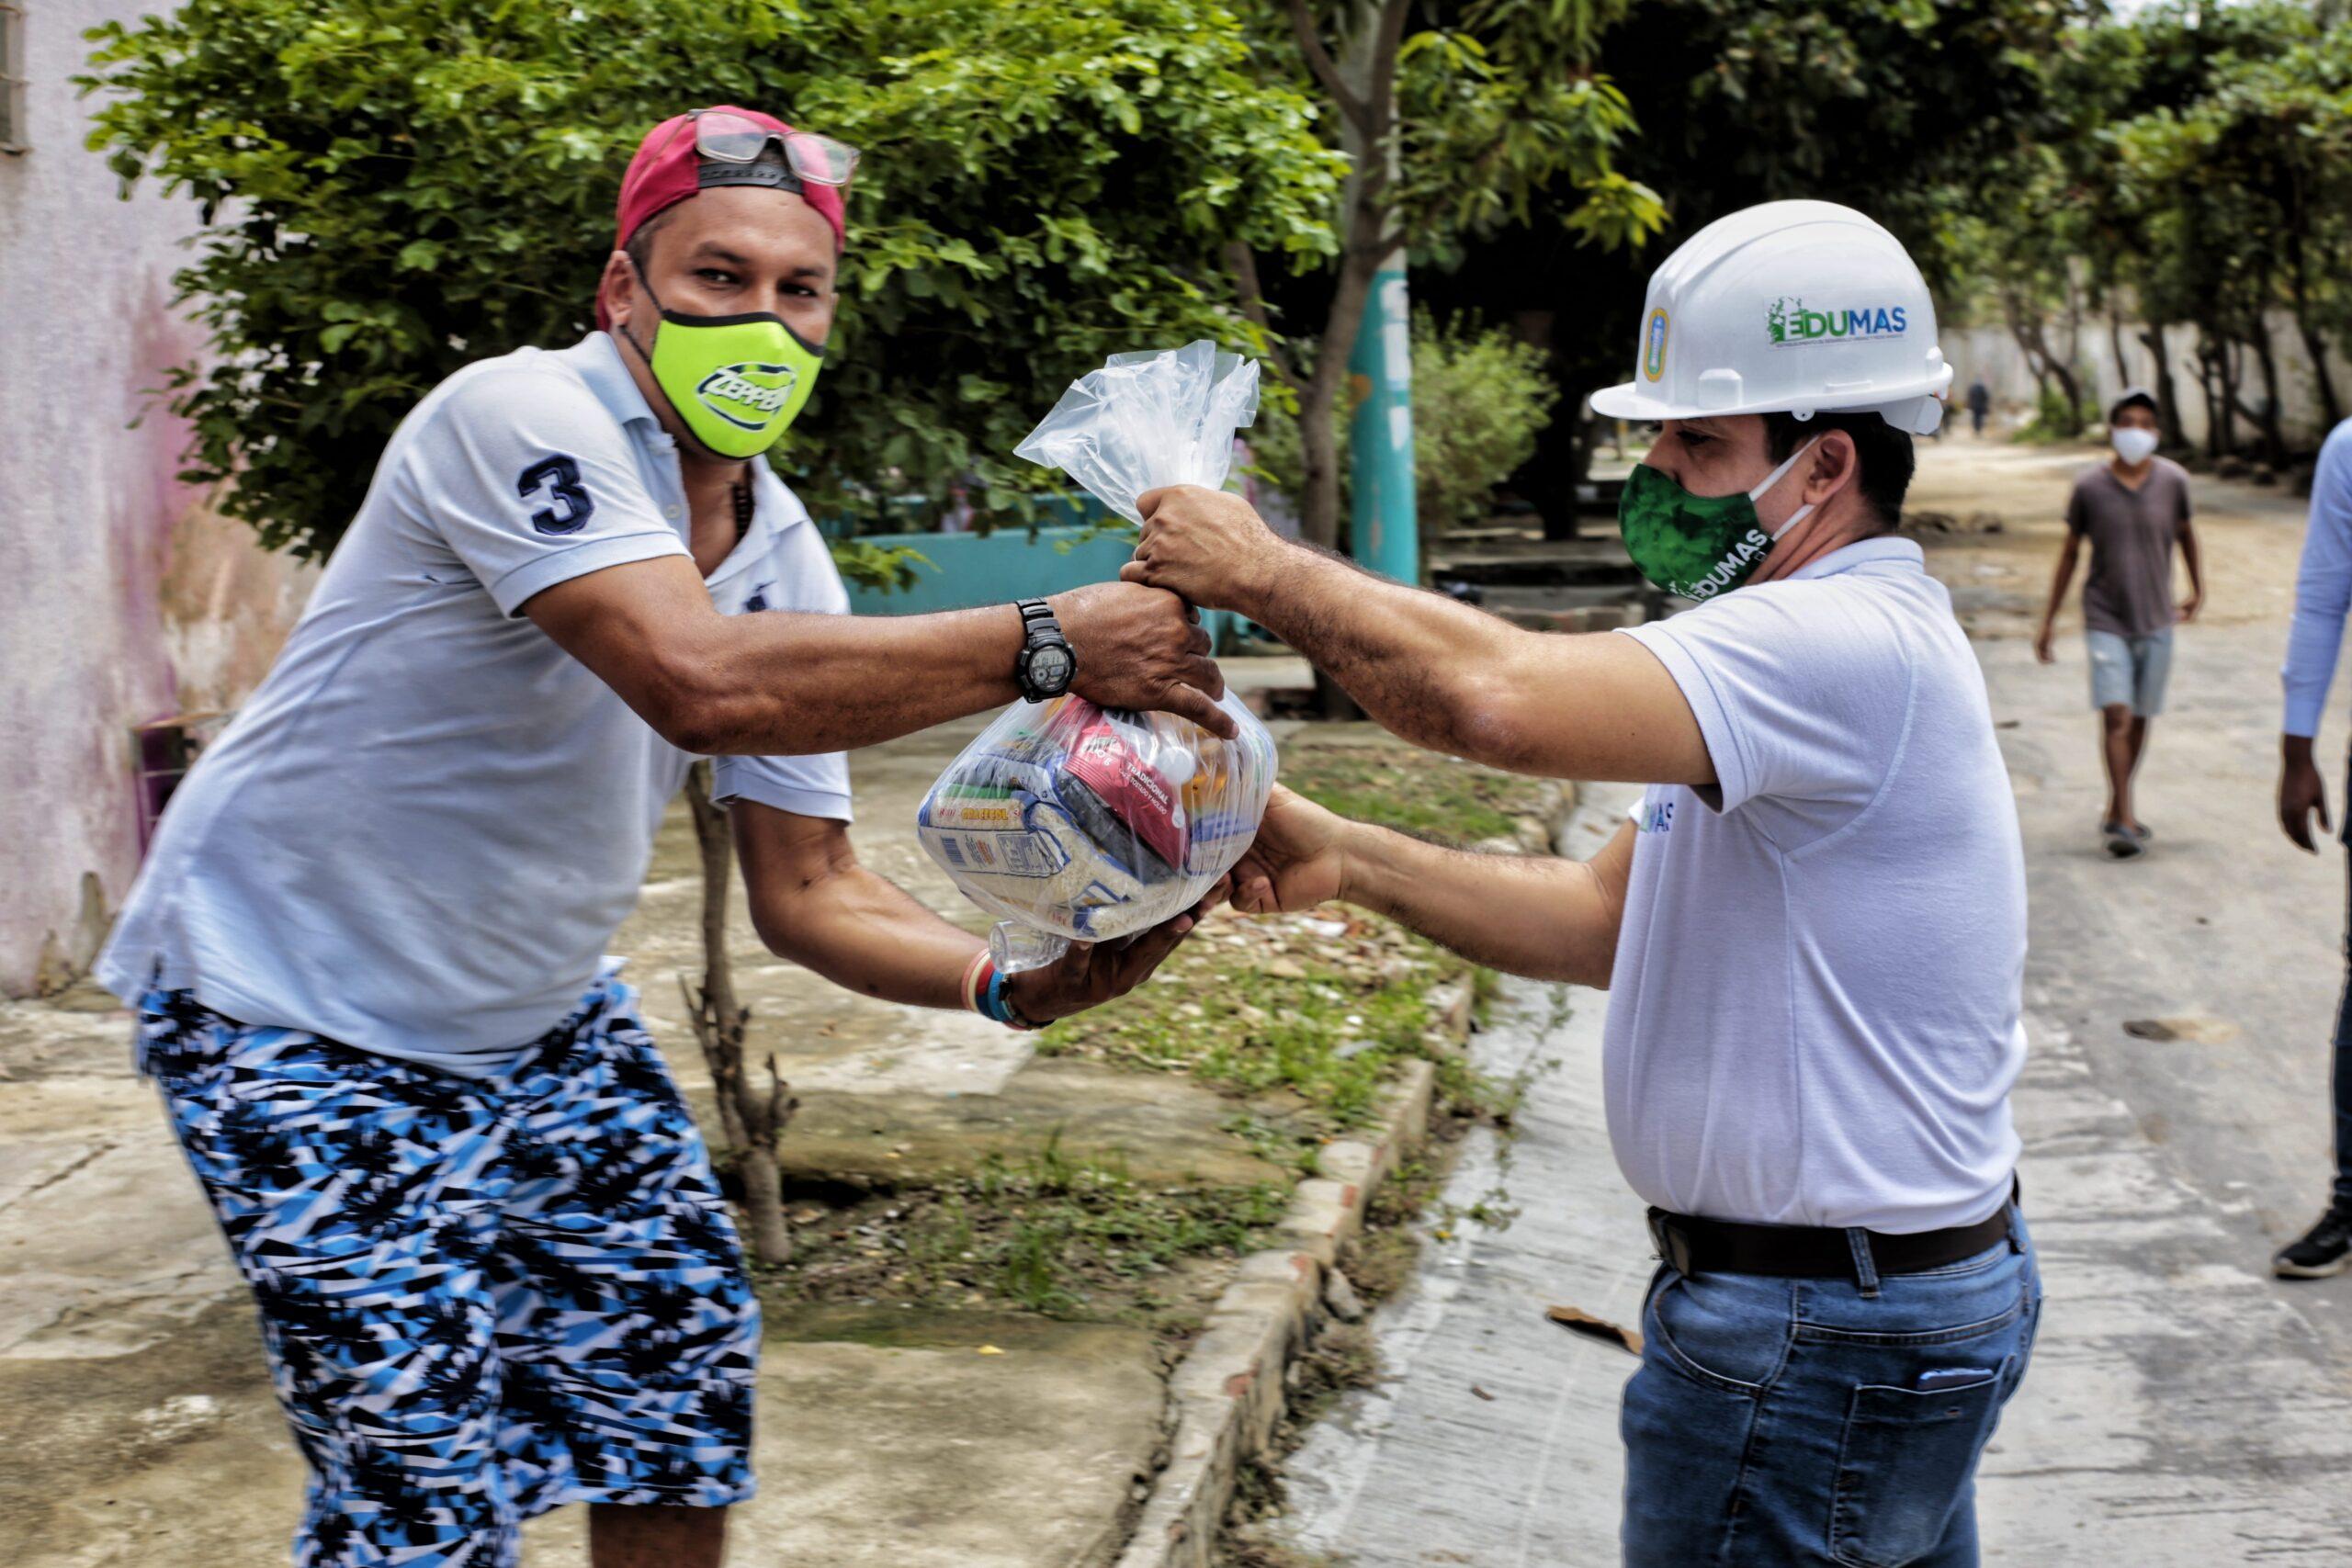 Edumas Hizo Entrega De 250 Ayudas Humanitarias A Los Residentes De Los Barrios Las Ferias Y Primero De Mayo